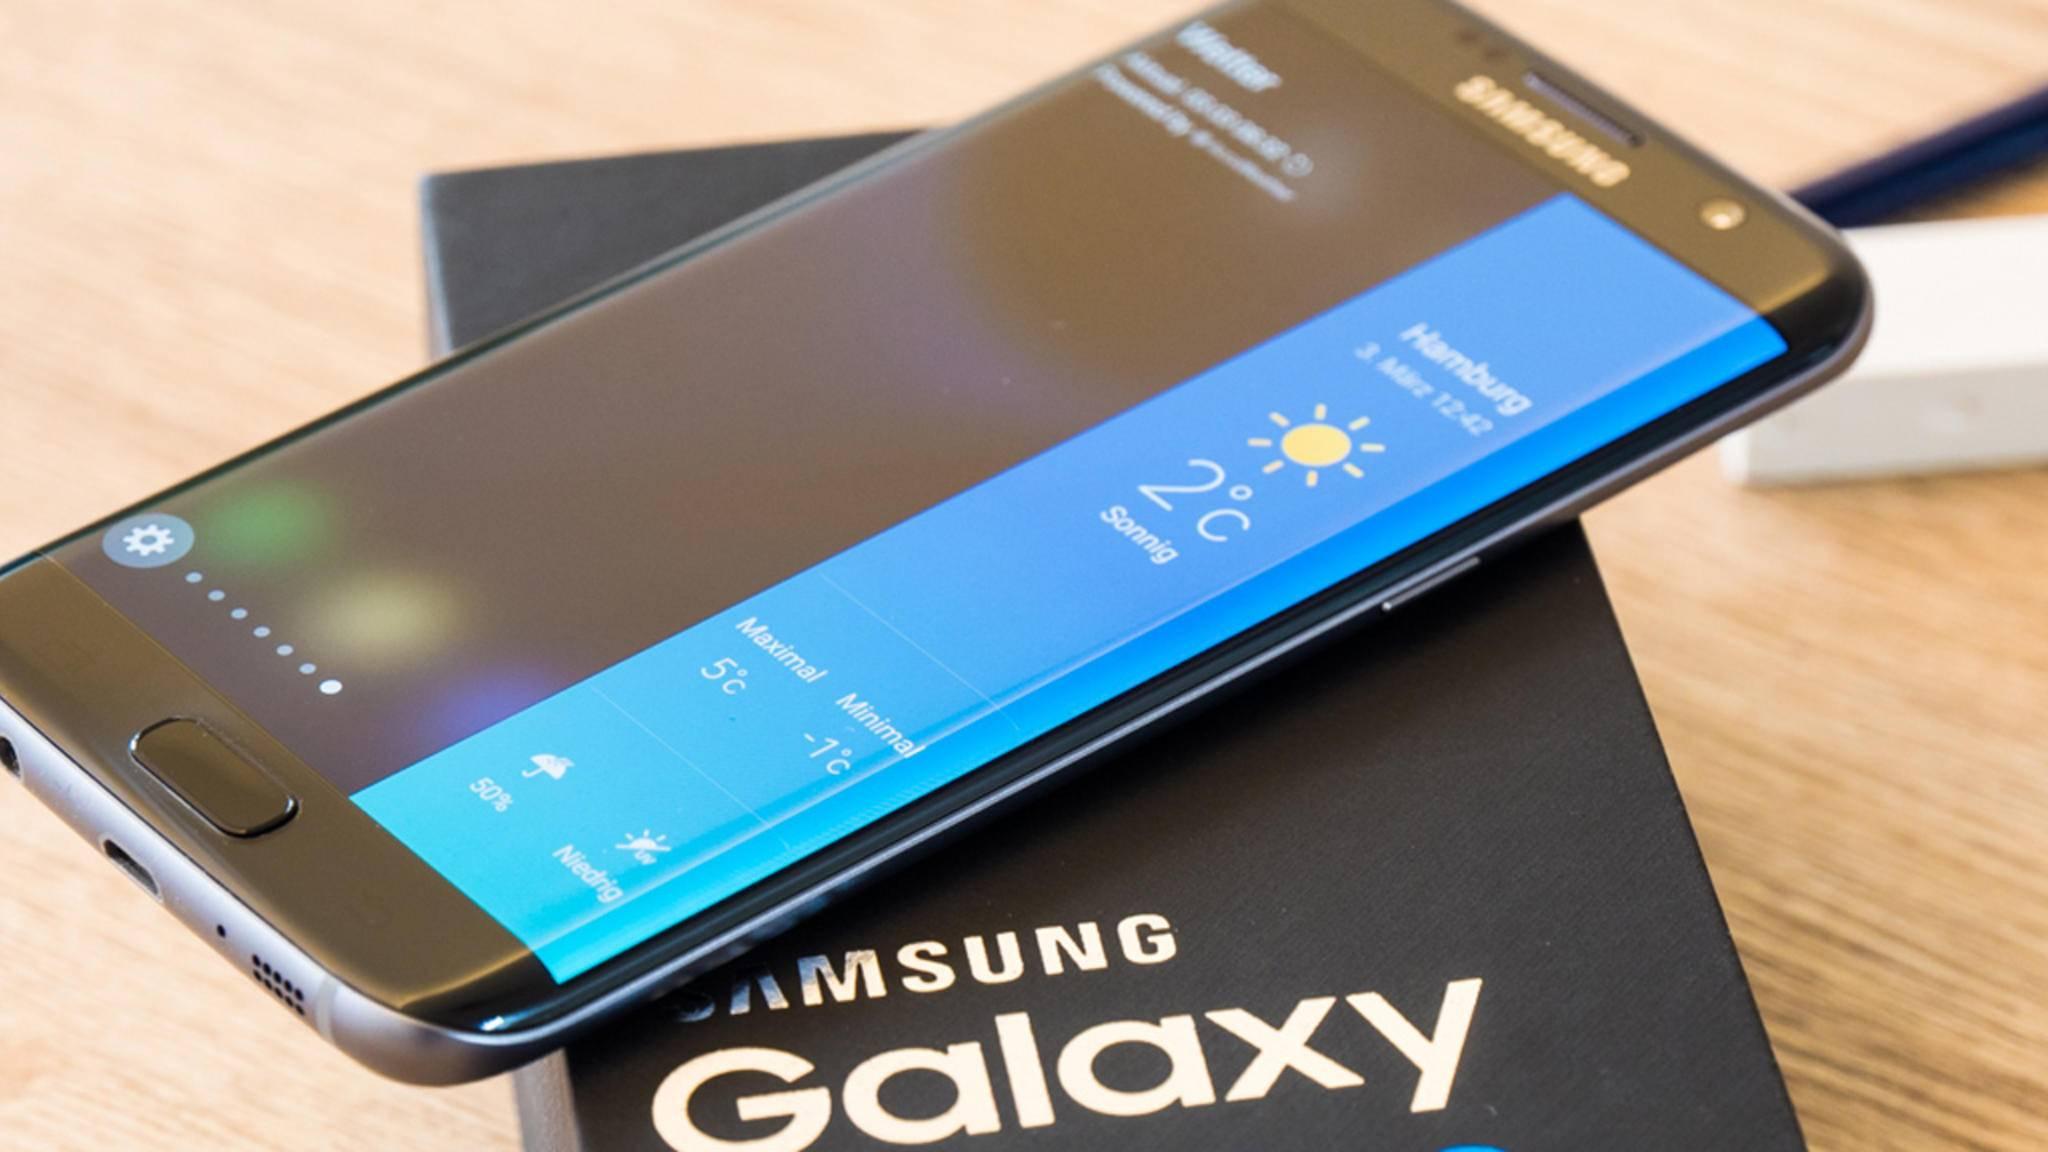 Das Galaxy S7 Edge und das Galaxy S7 erhalten jetzt das Update auf Android 8.0 Oreo.